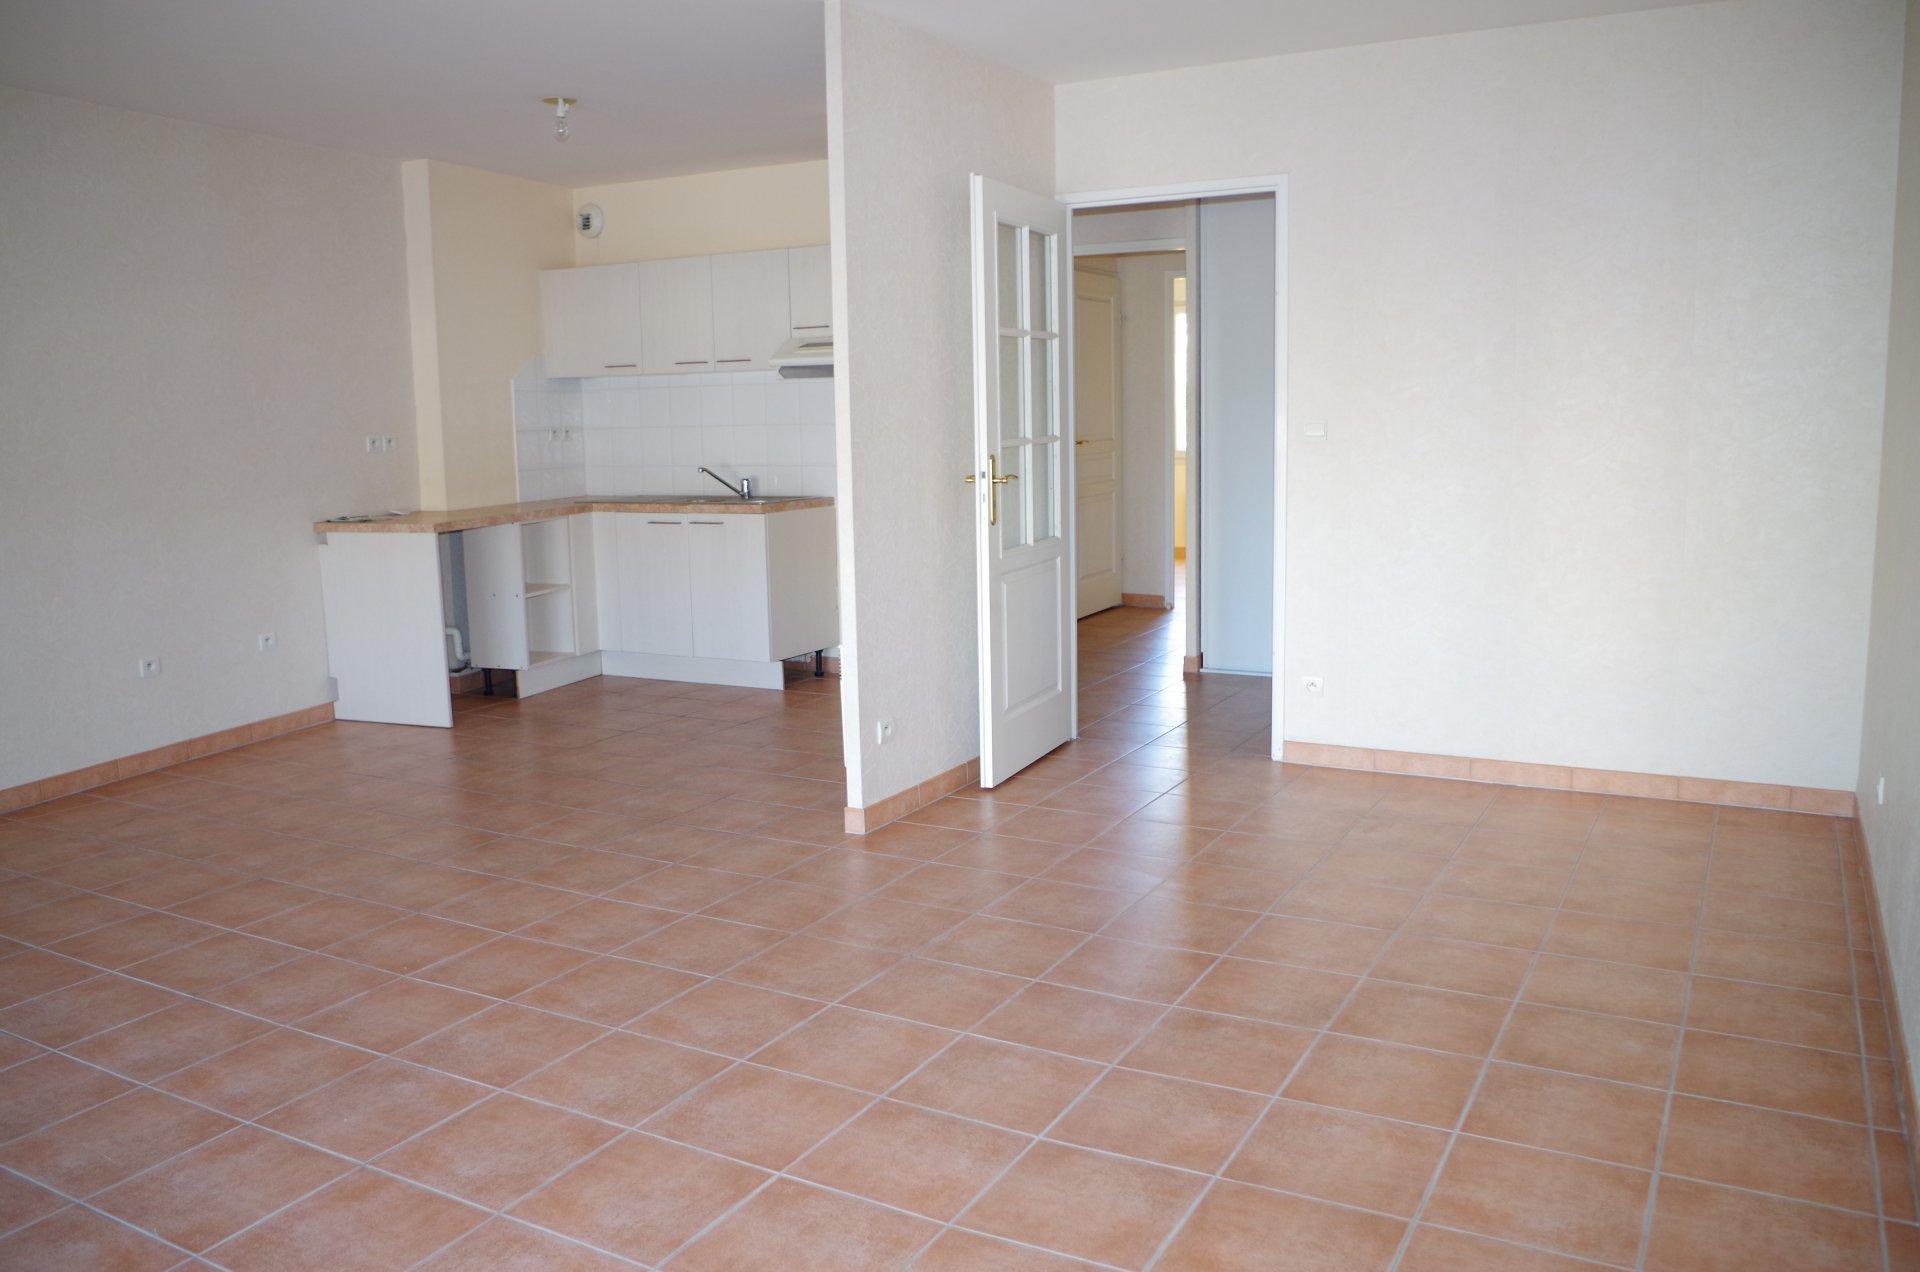 T3 -  72 m² + 2 PARKINGS - TOULOUSE L'ORMEAU